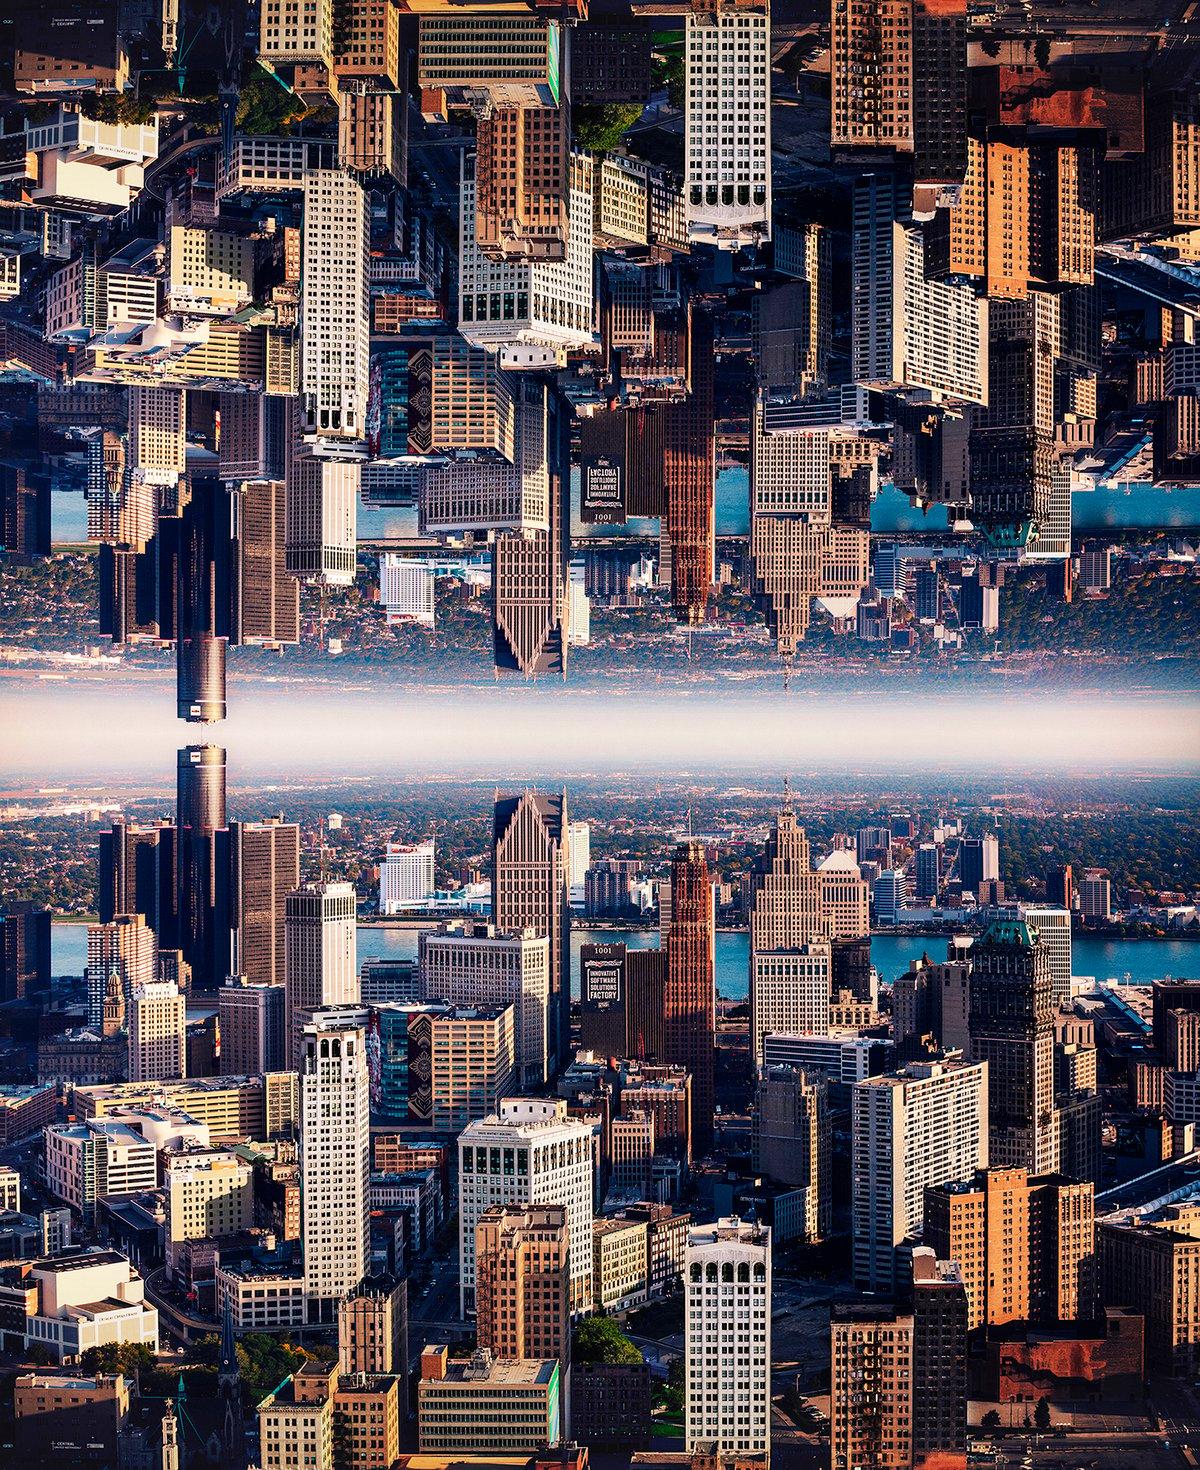 Image of Lego City